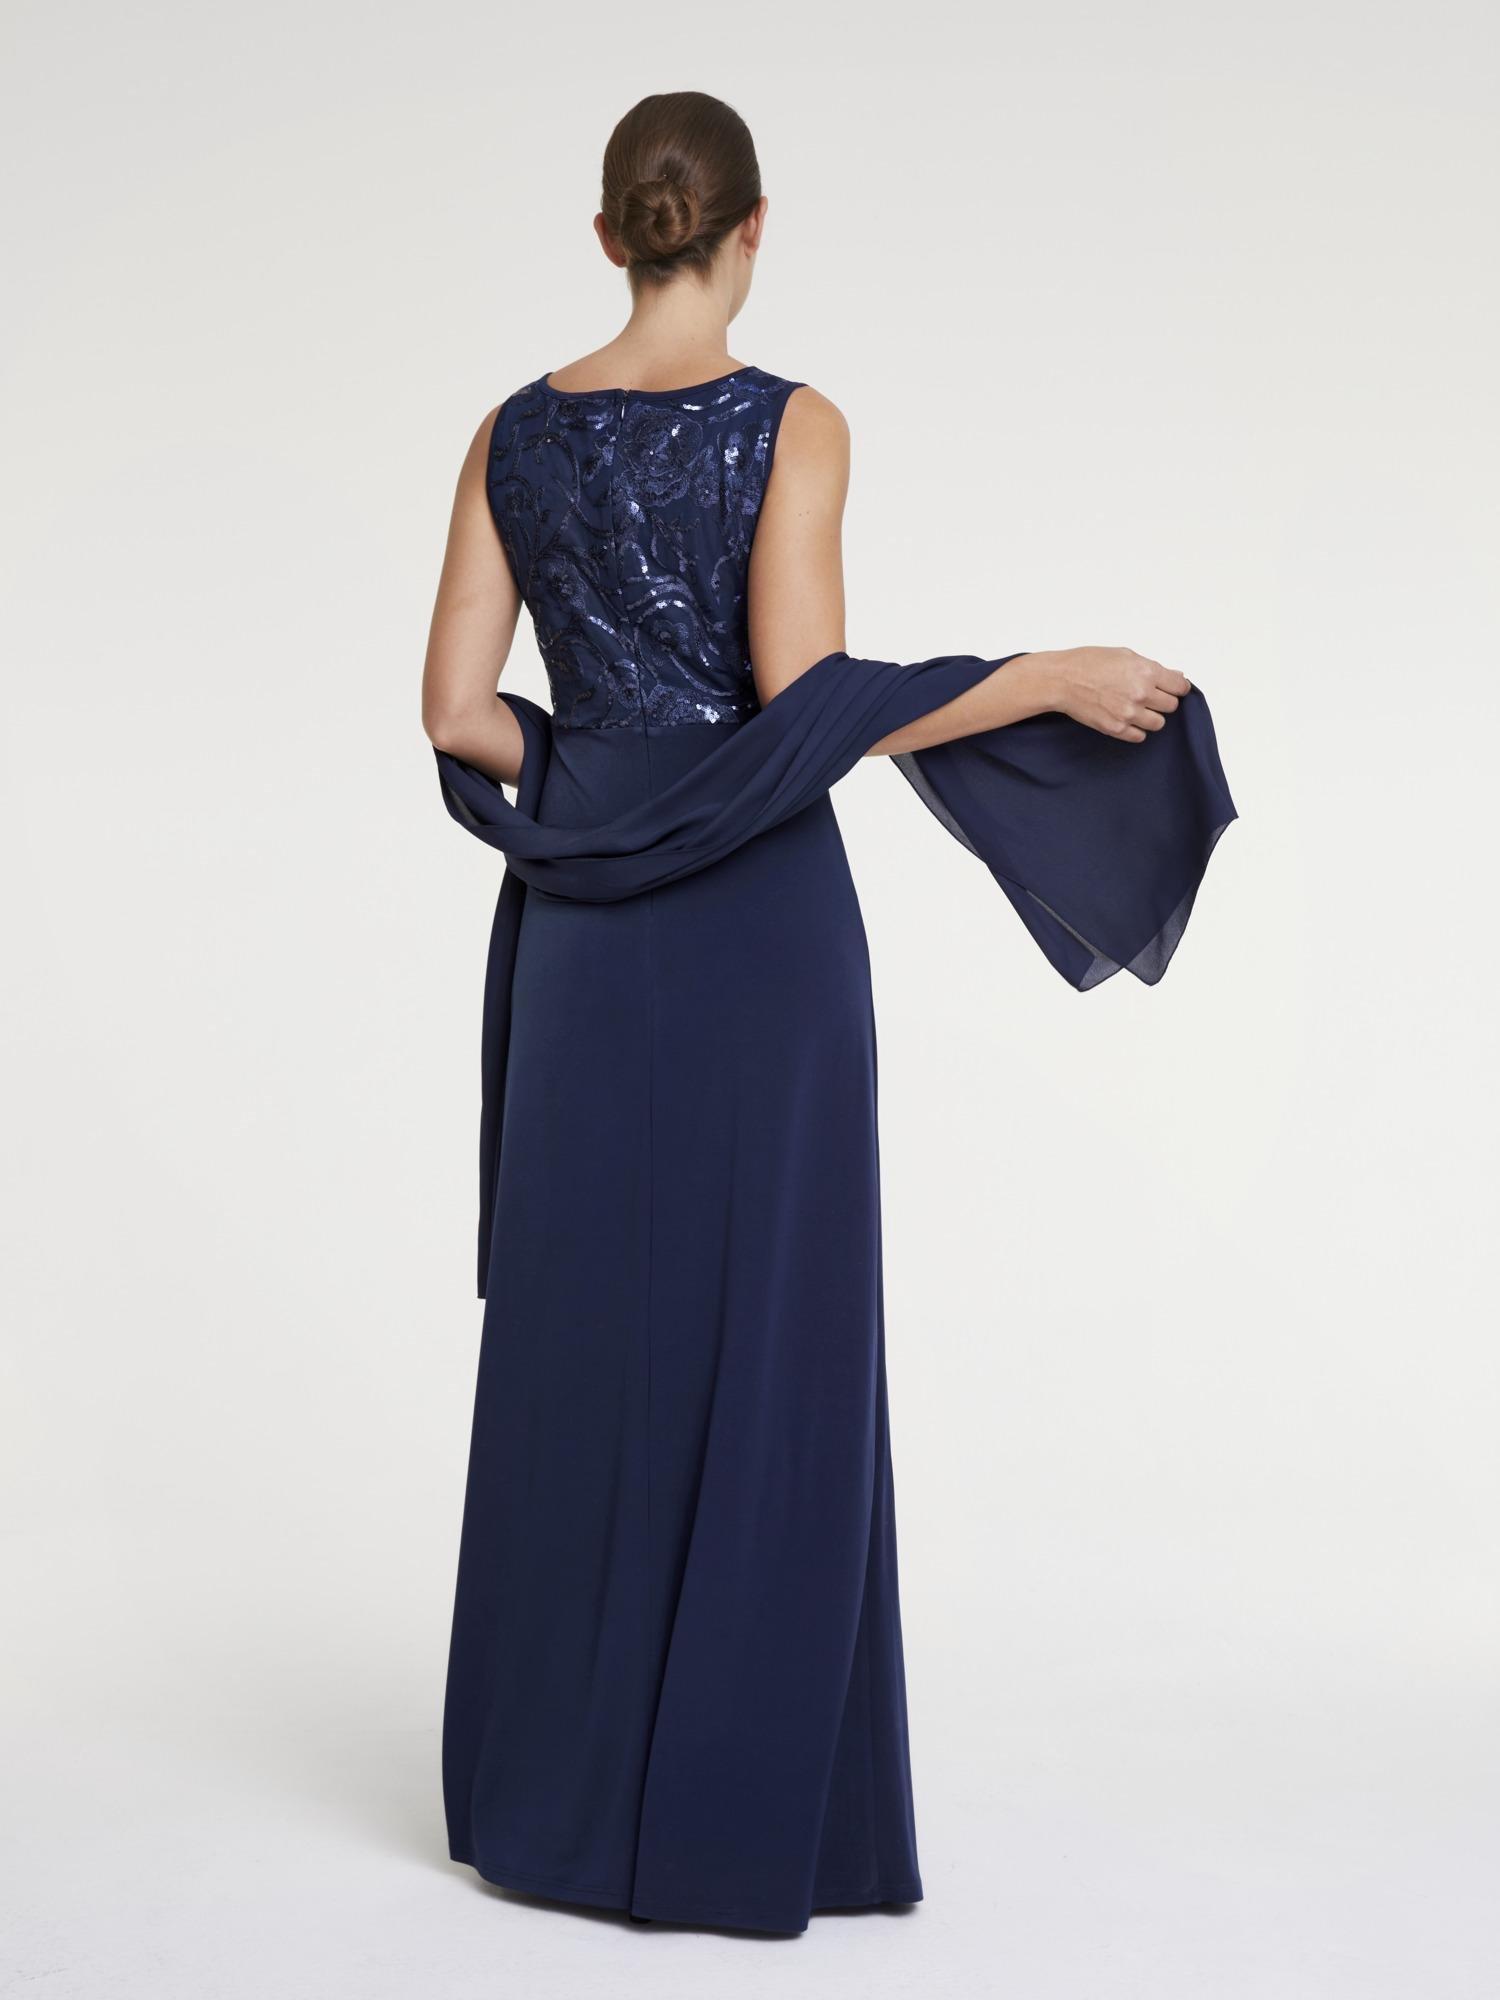 17 Cool Heine Damen Abendkleider für 2019Abend Großartig Heine Damen Abendkleider Galerie